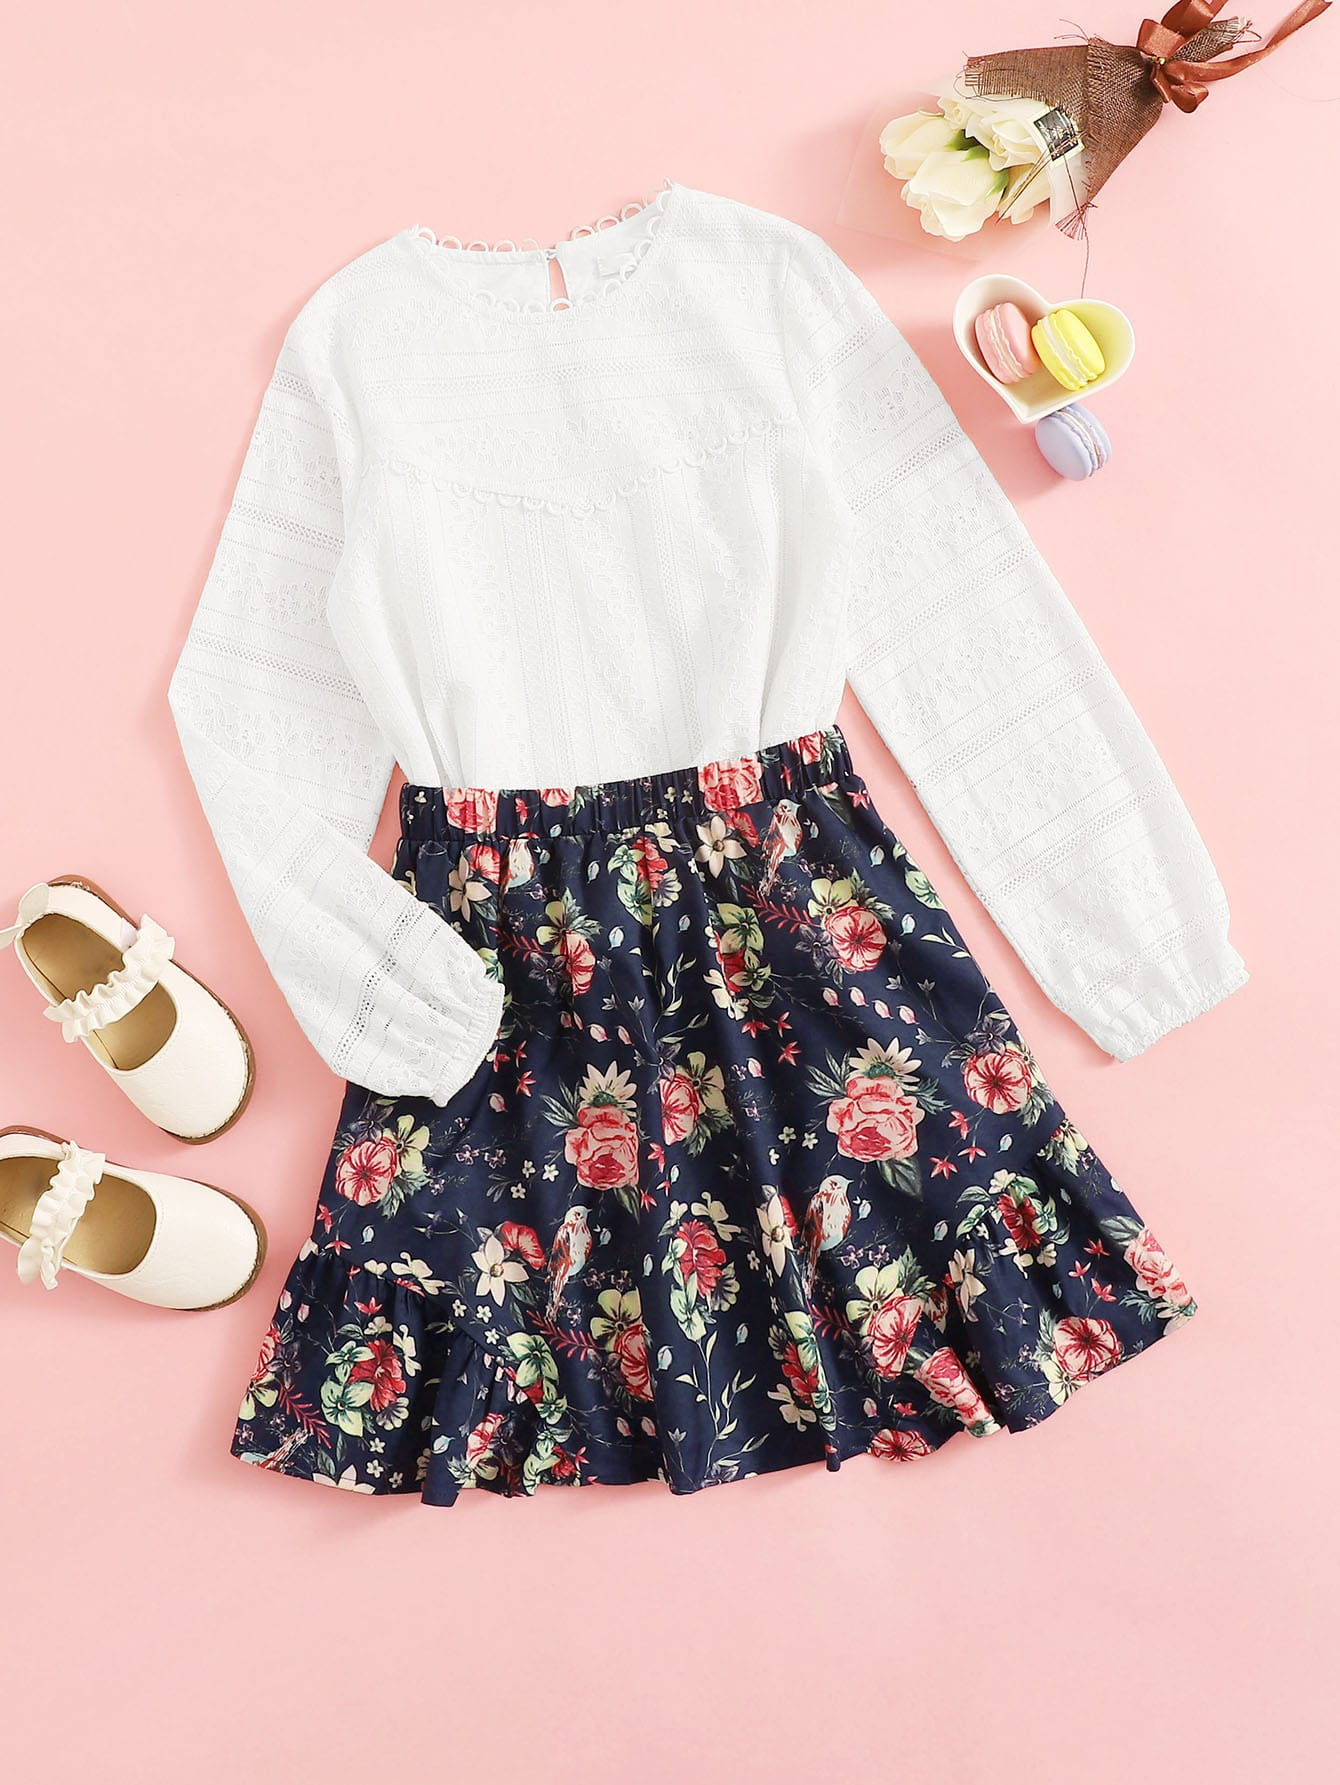 Кружевной топ и цветочная юбка с многослойными оборками, null, SheIn  - купить со скидкой